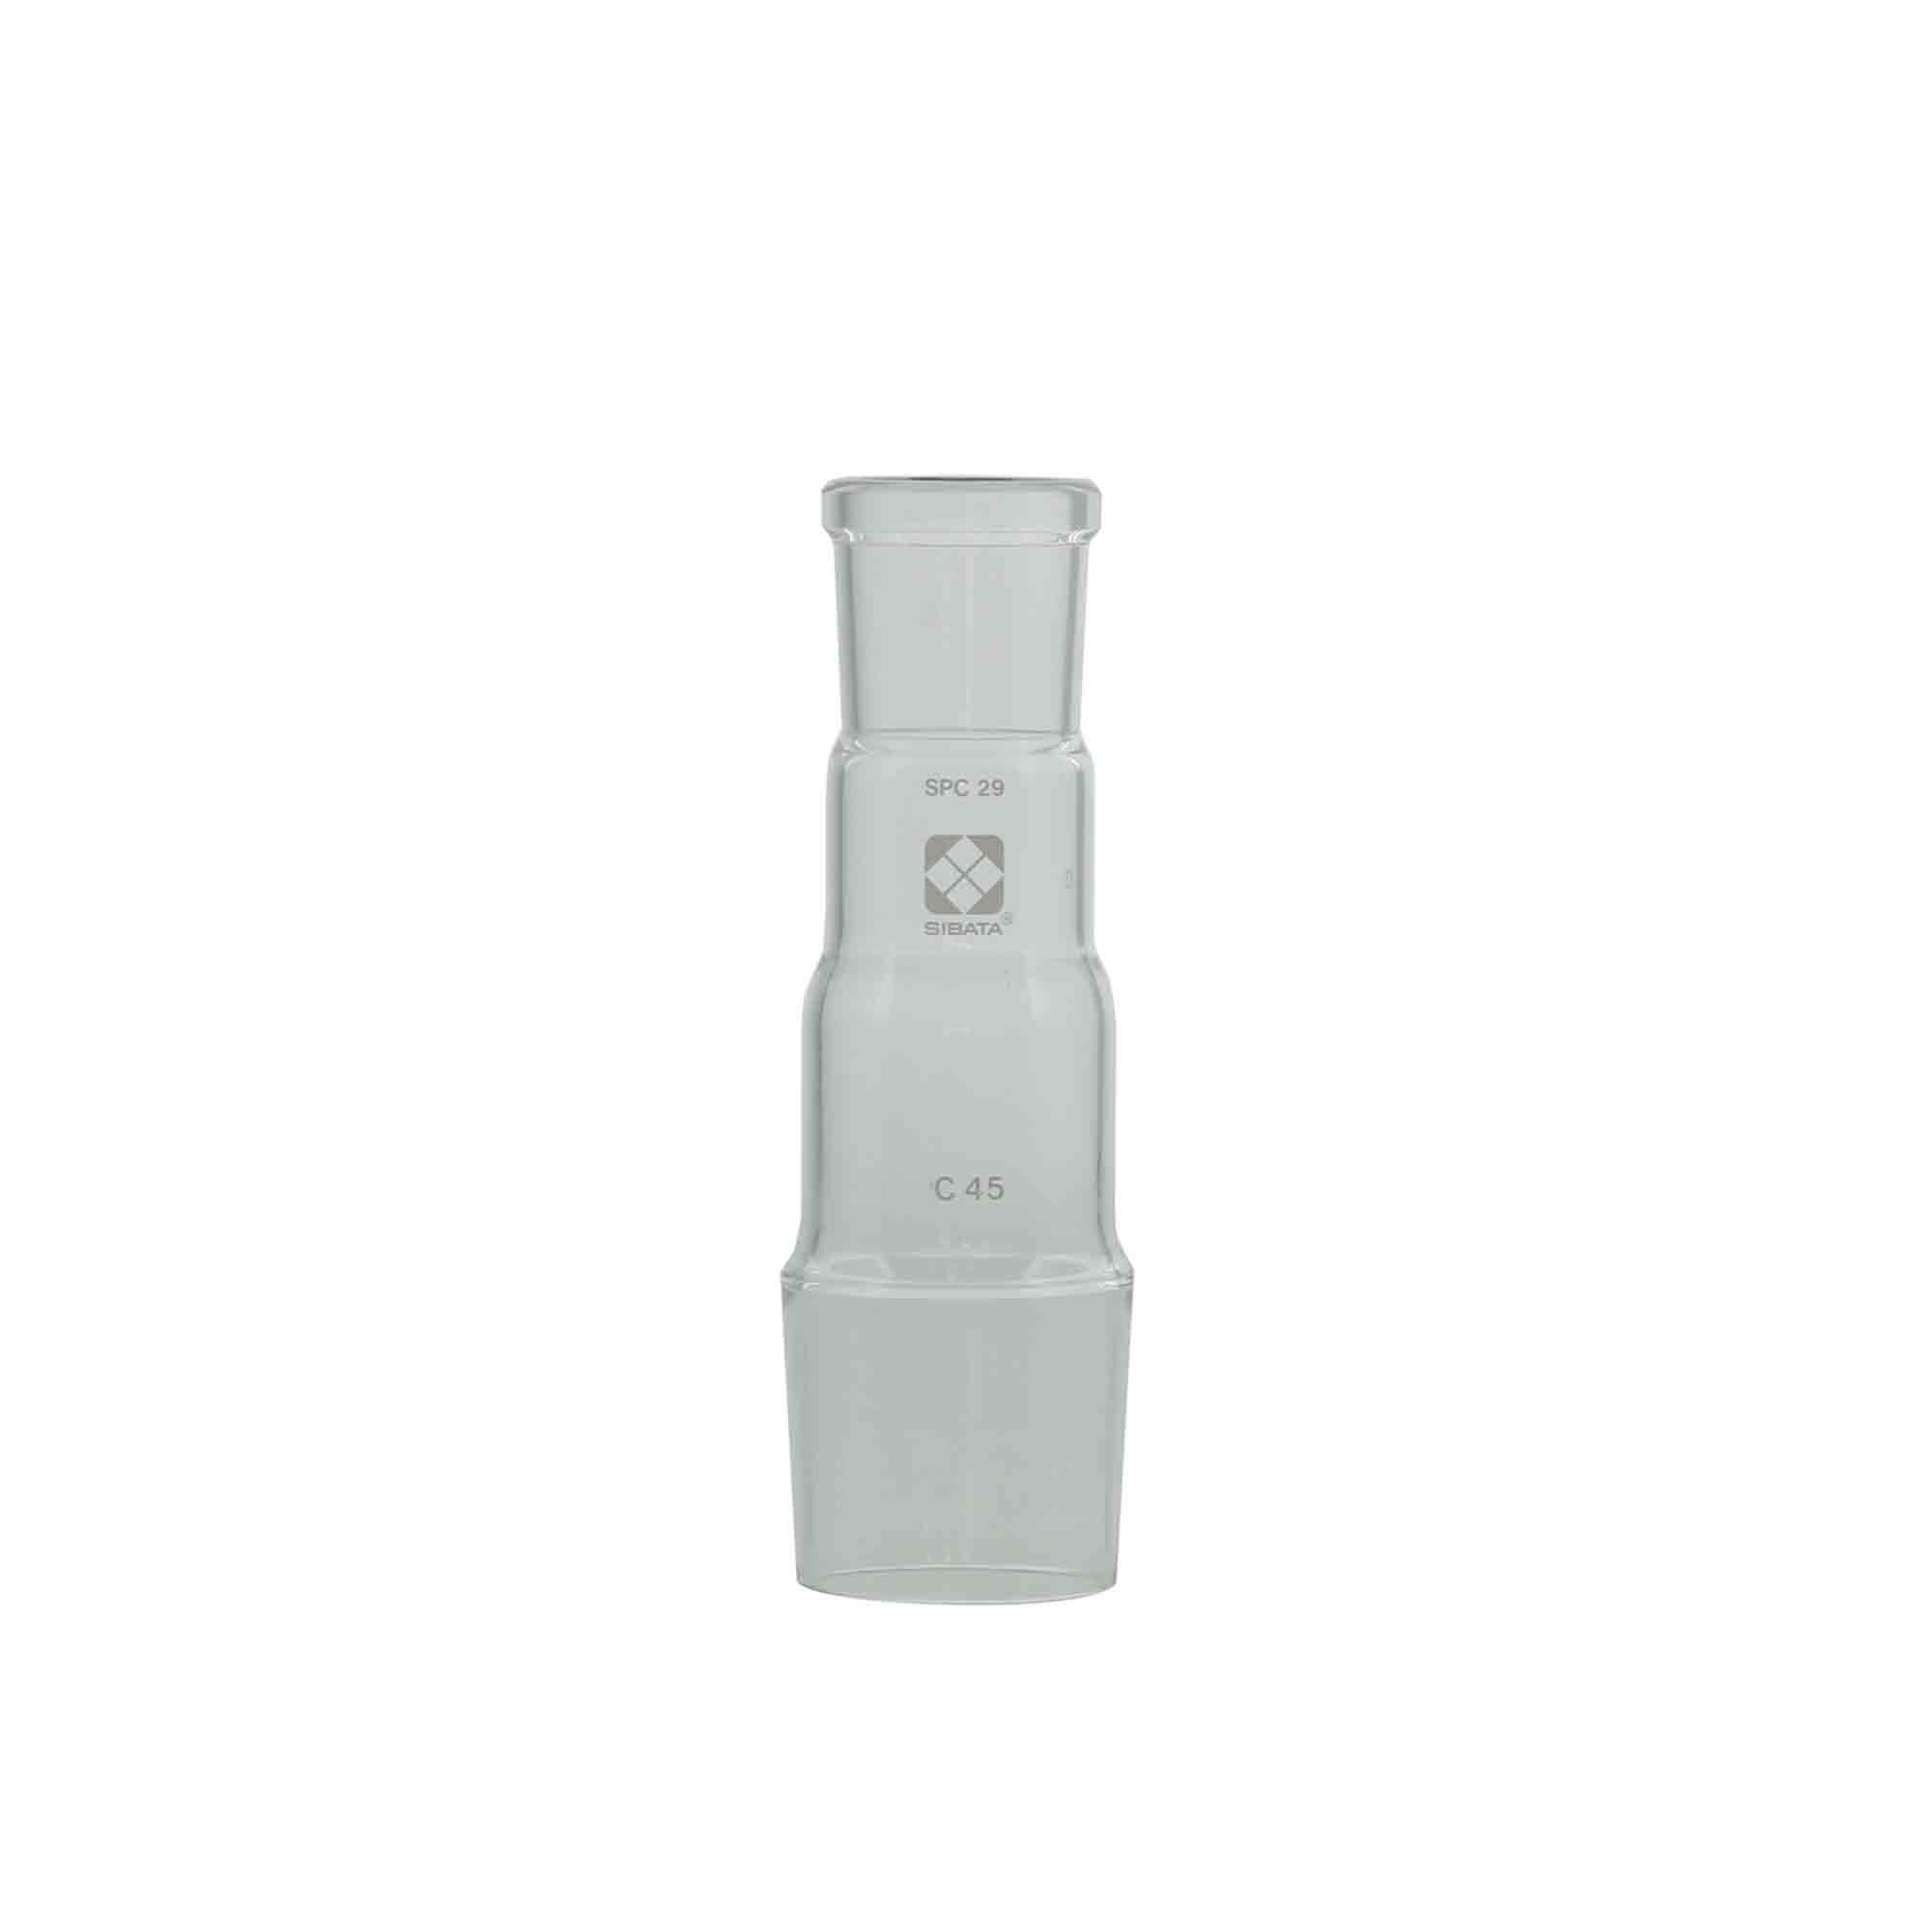 030300-2945 SPC径違い連結管 縮小用 SPC-29-45 柴田科学(SIBATA)